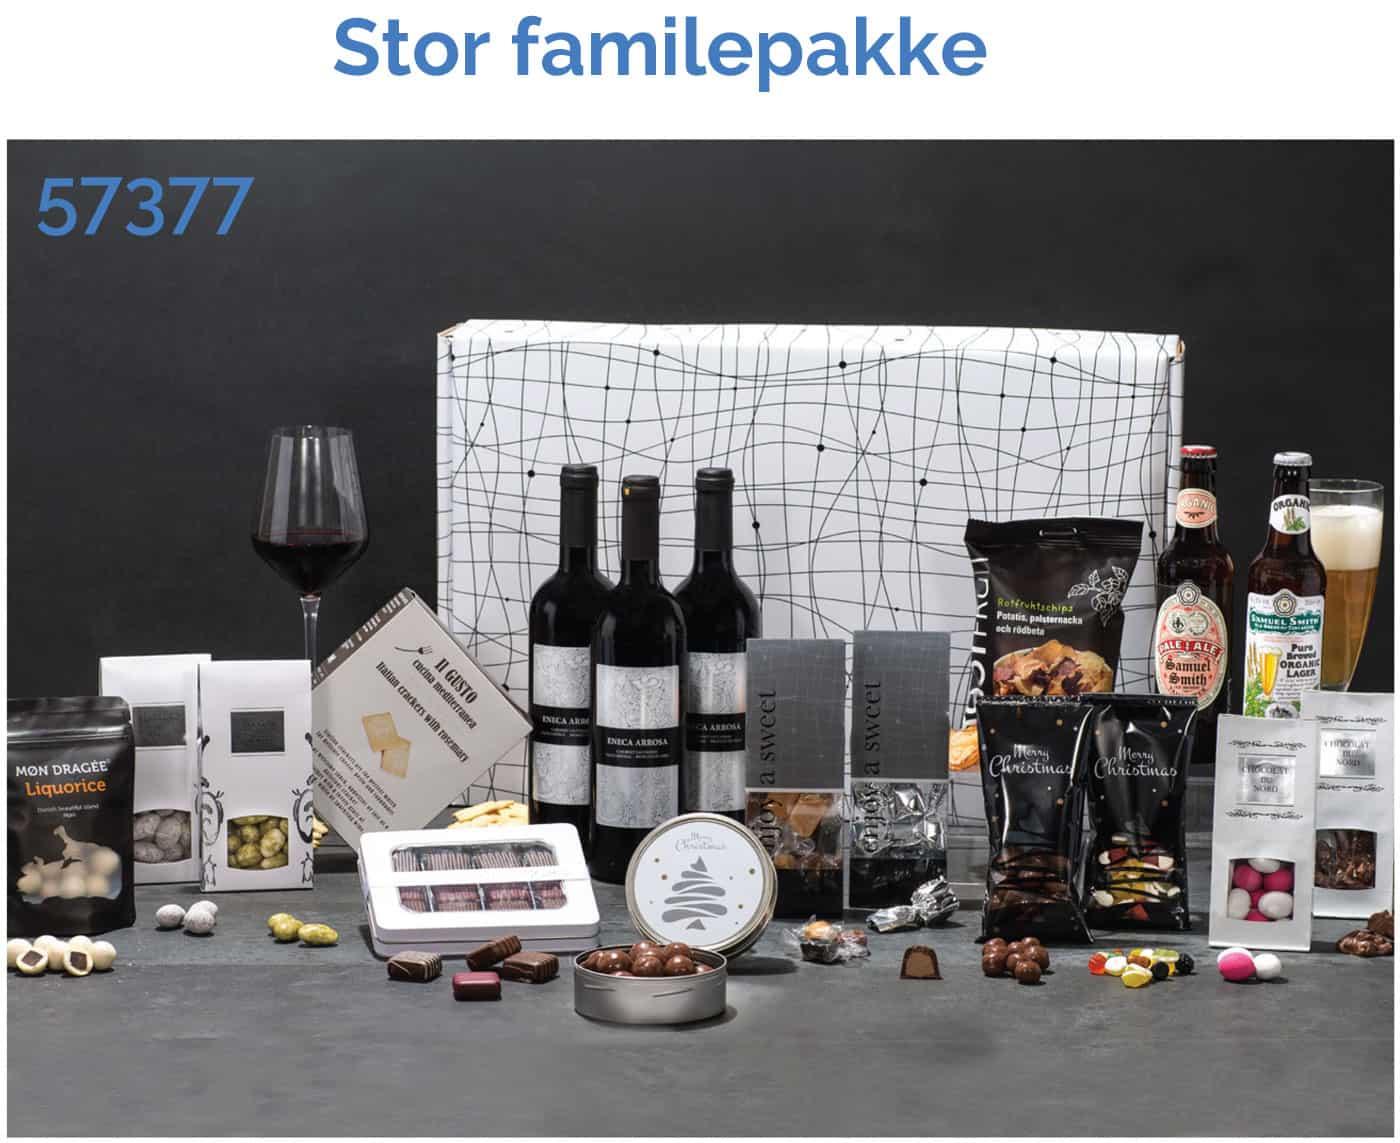 Stor familiepakke - 57377